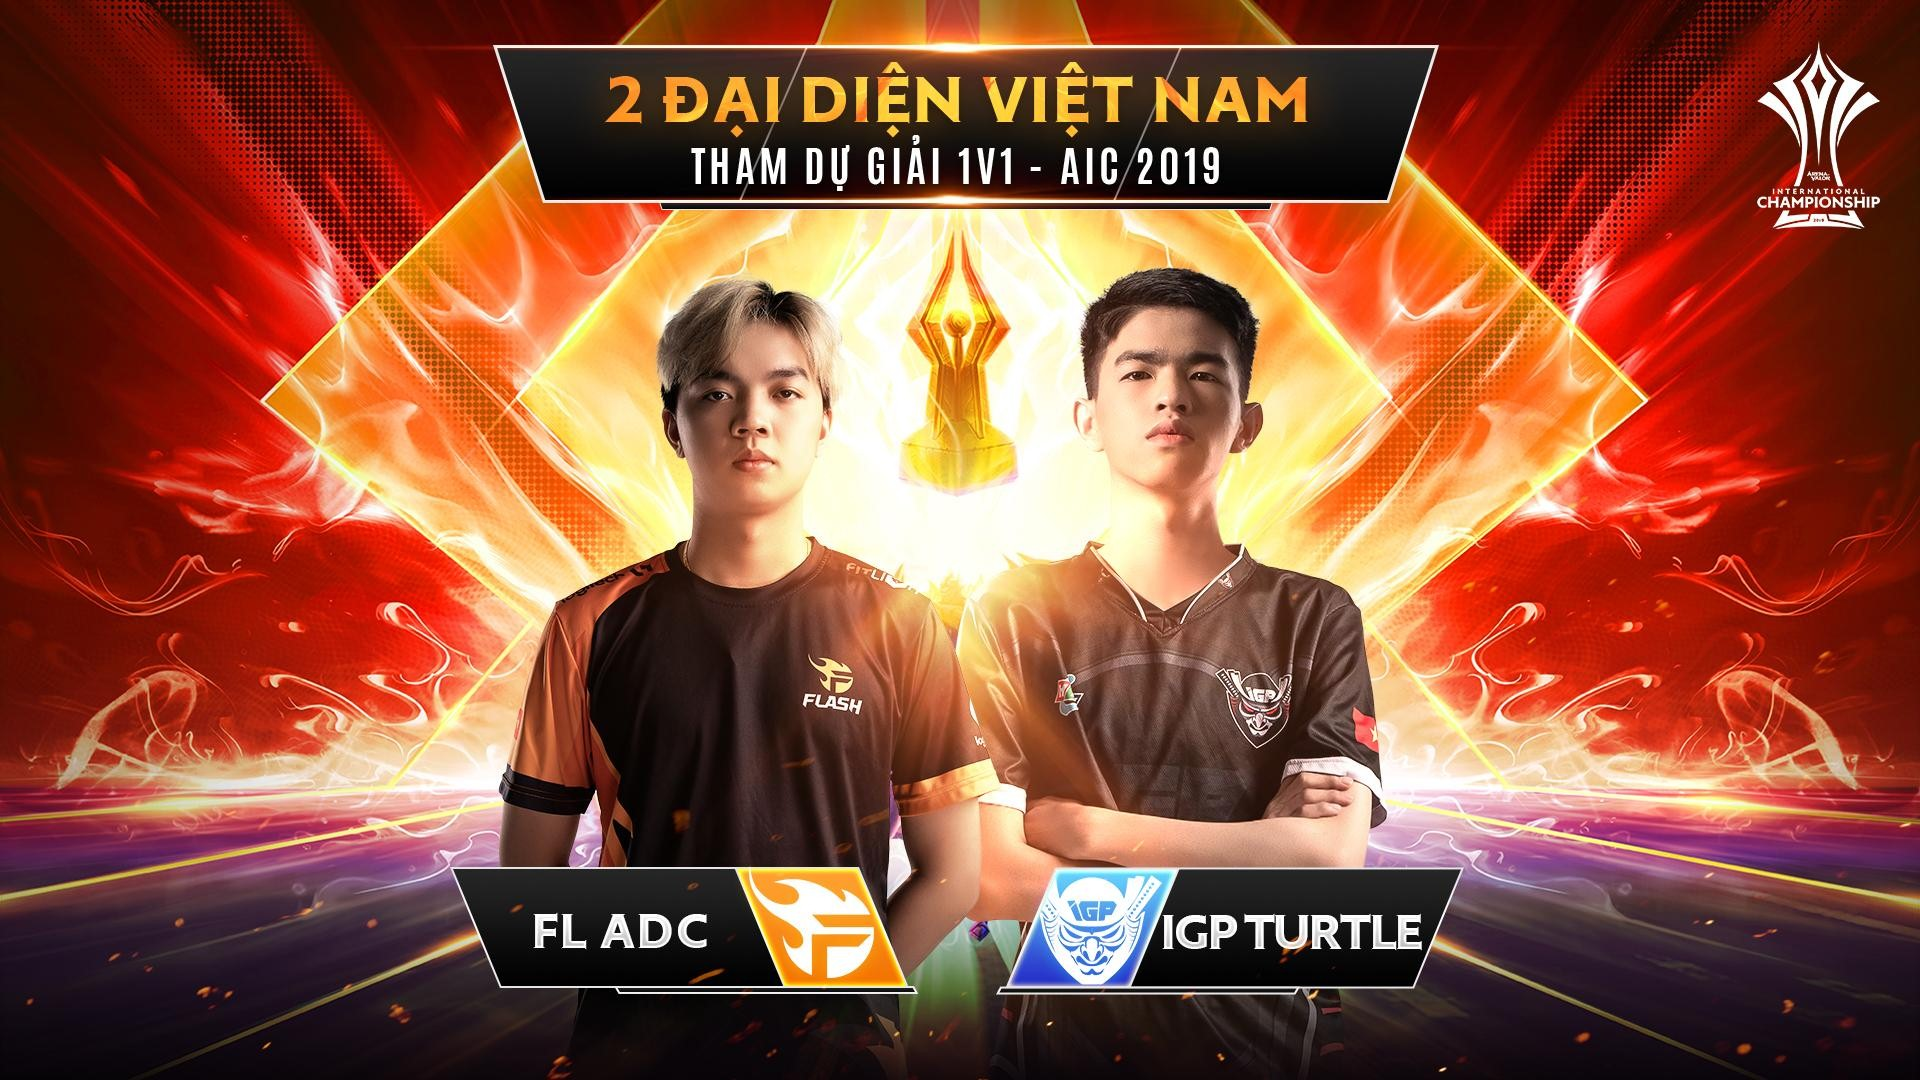 Liệu 2 người đi rừng tài năng của Liên Quân Mobile Việt Nam có thể giành chức vô địch tại giải 1v1?